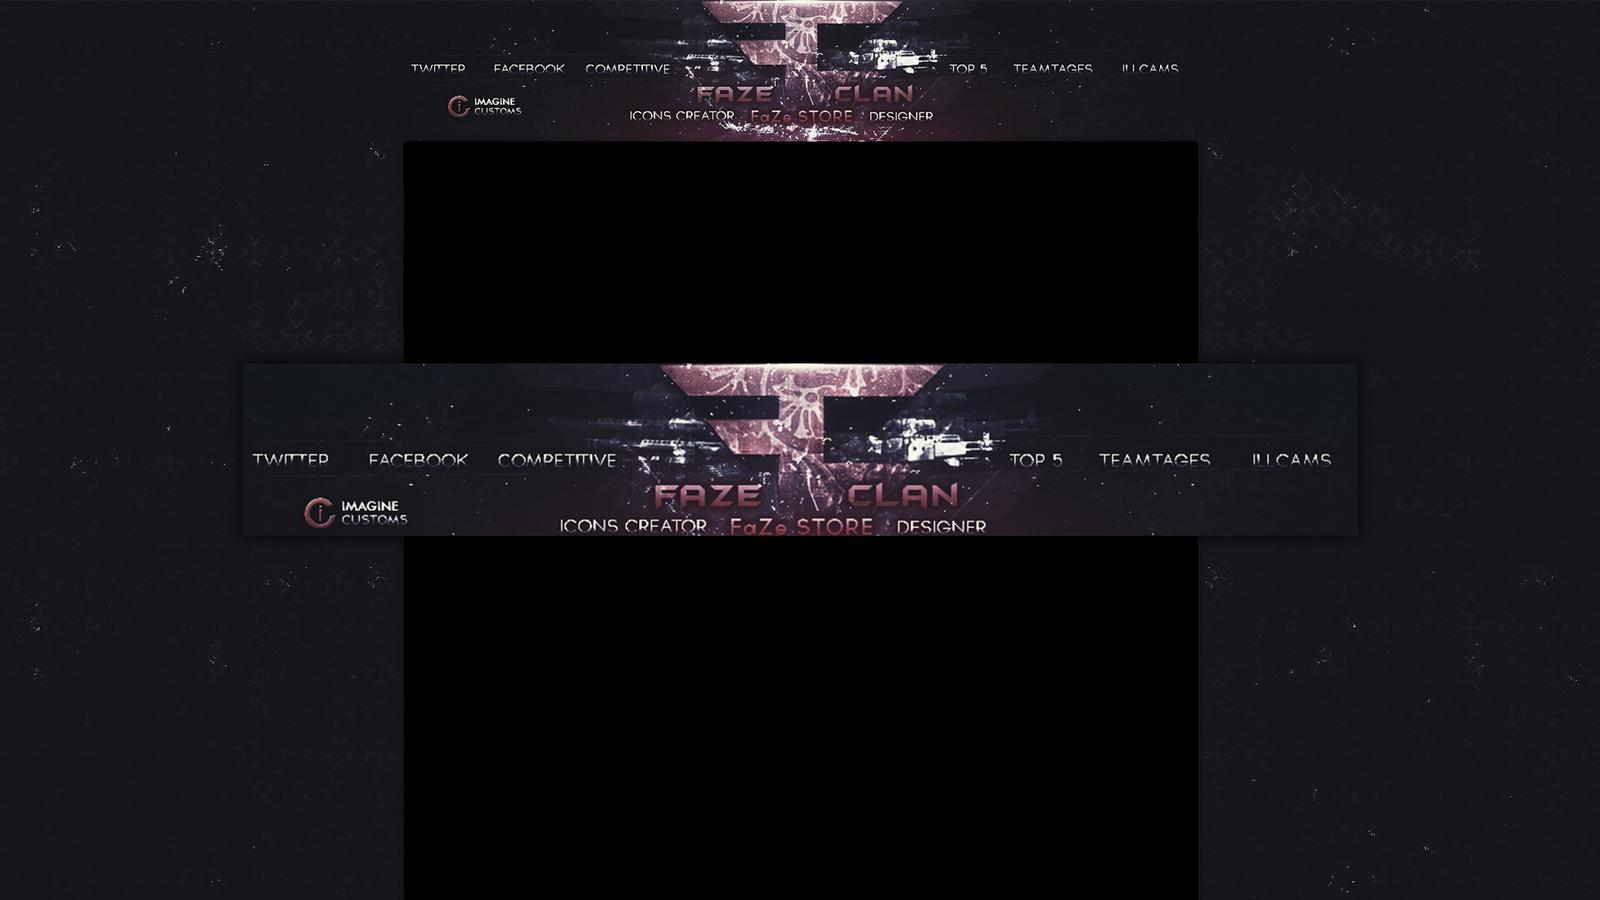 Faze Clan Logo Wallpaper Hd Faze clan youtube background 1600x900